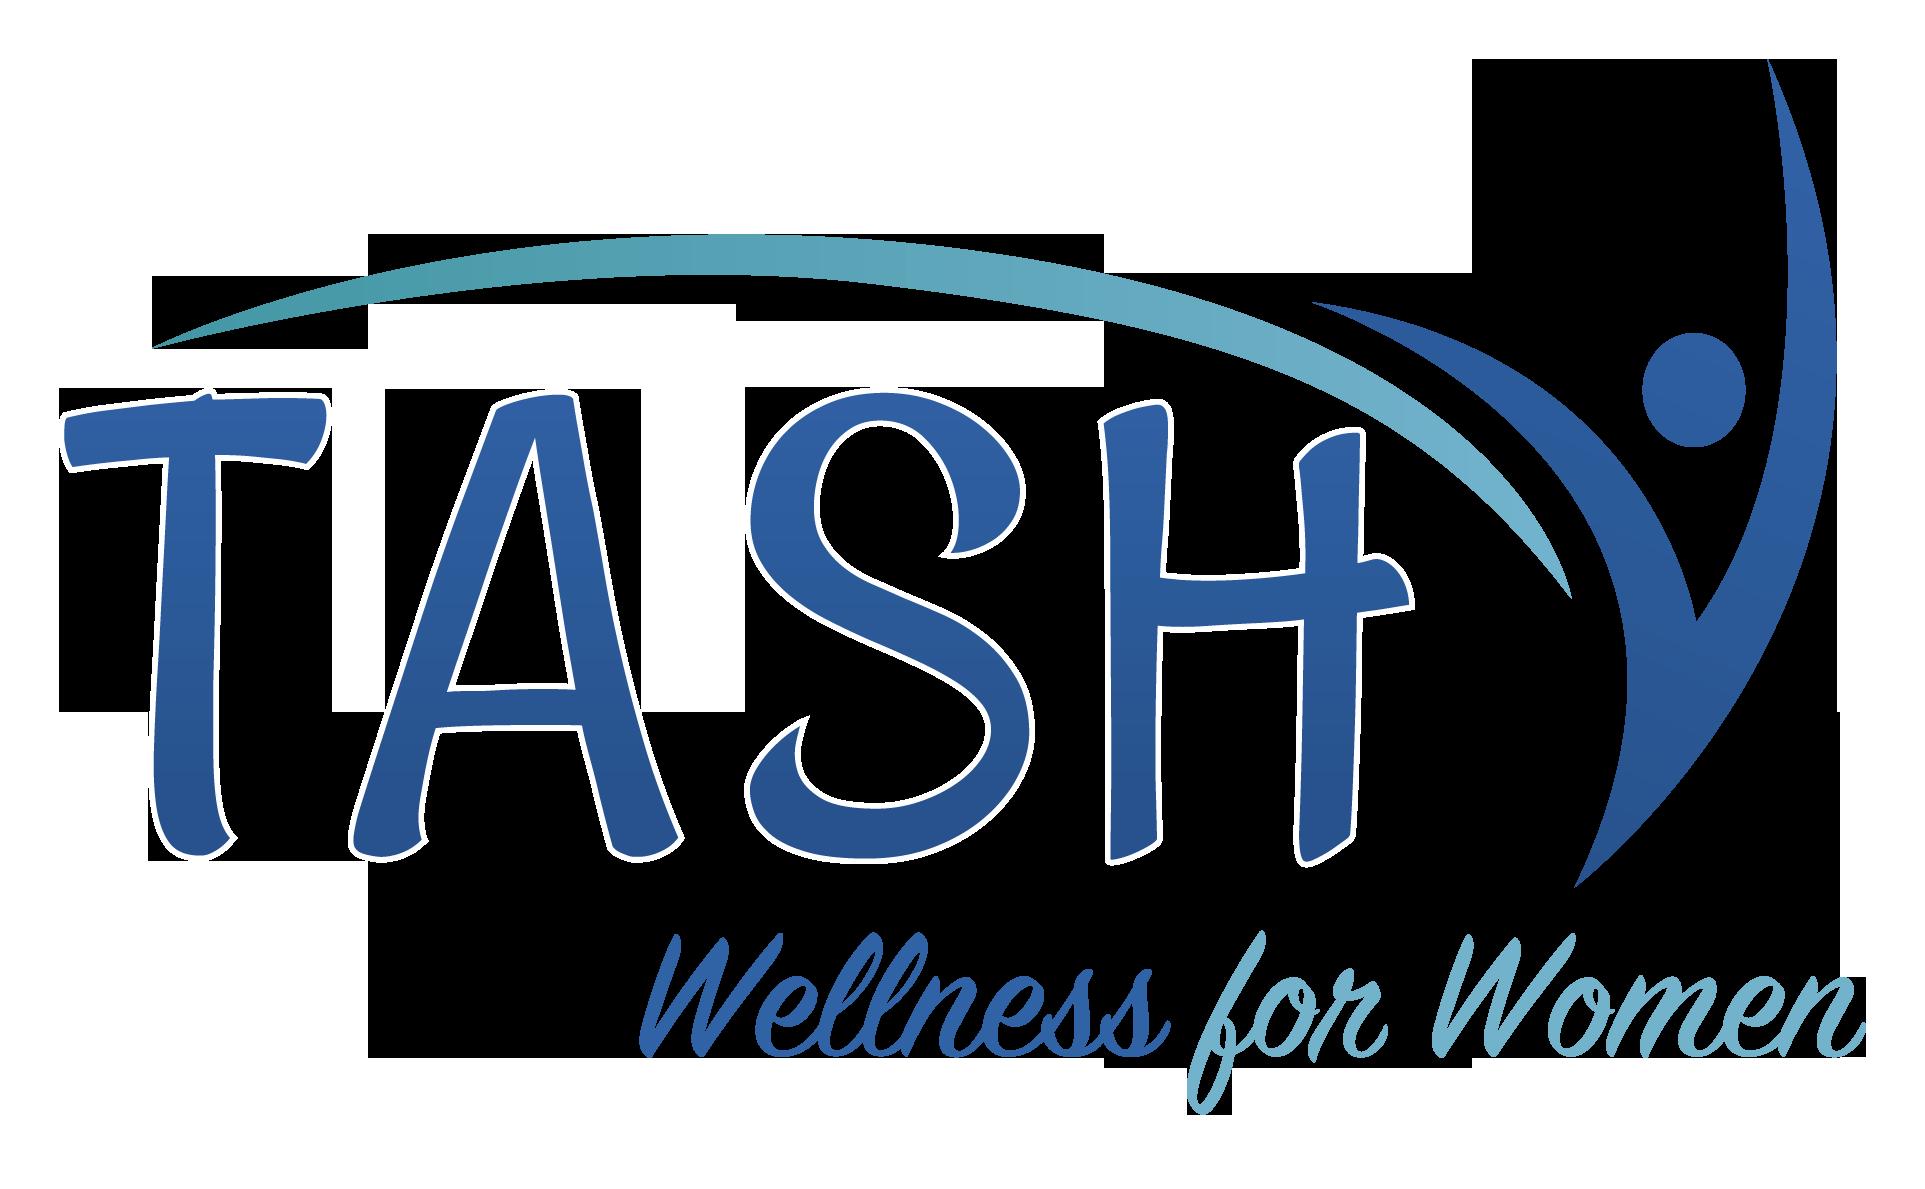 TASH Wellness for Women Logo